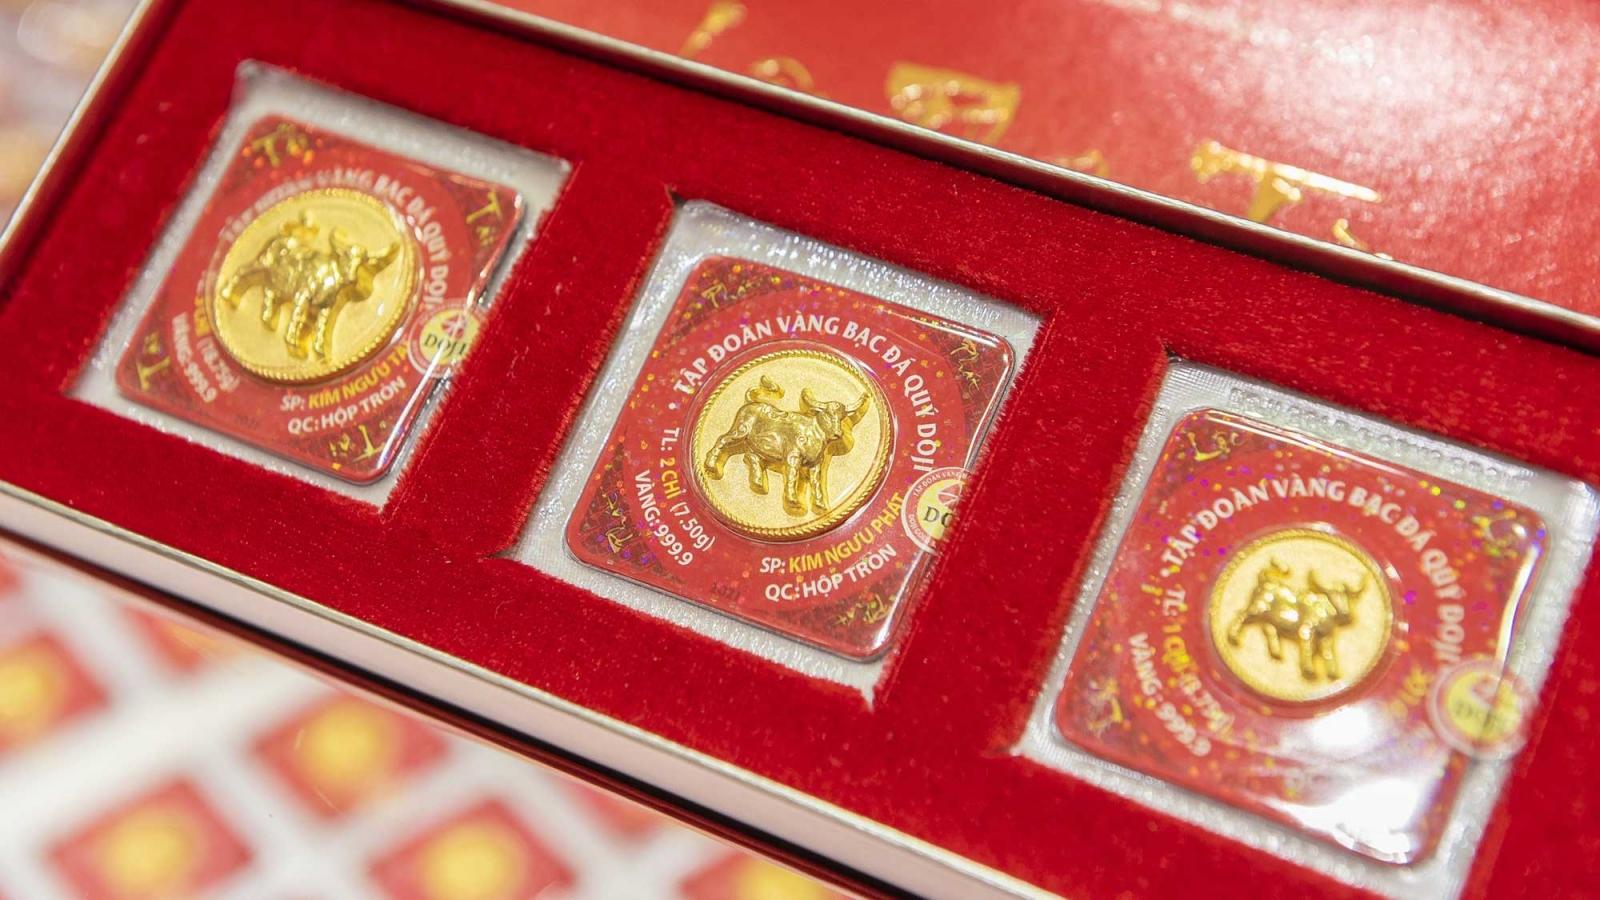 Giá vàng SJC cao hơn vàng thế giới 7,21 triệu đồng/lượng